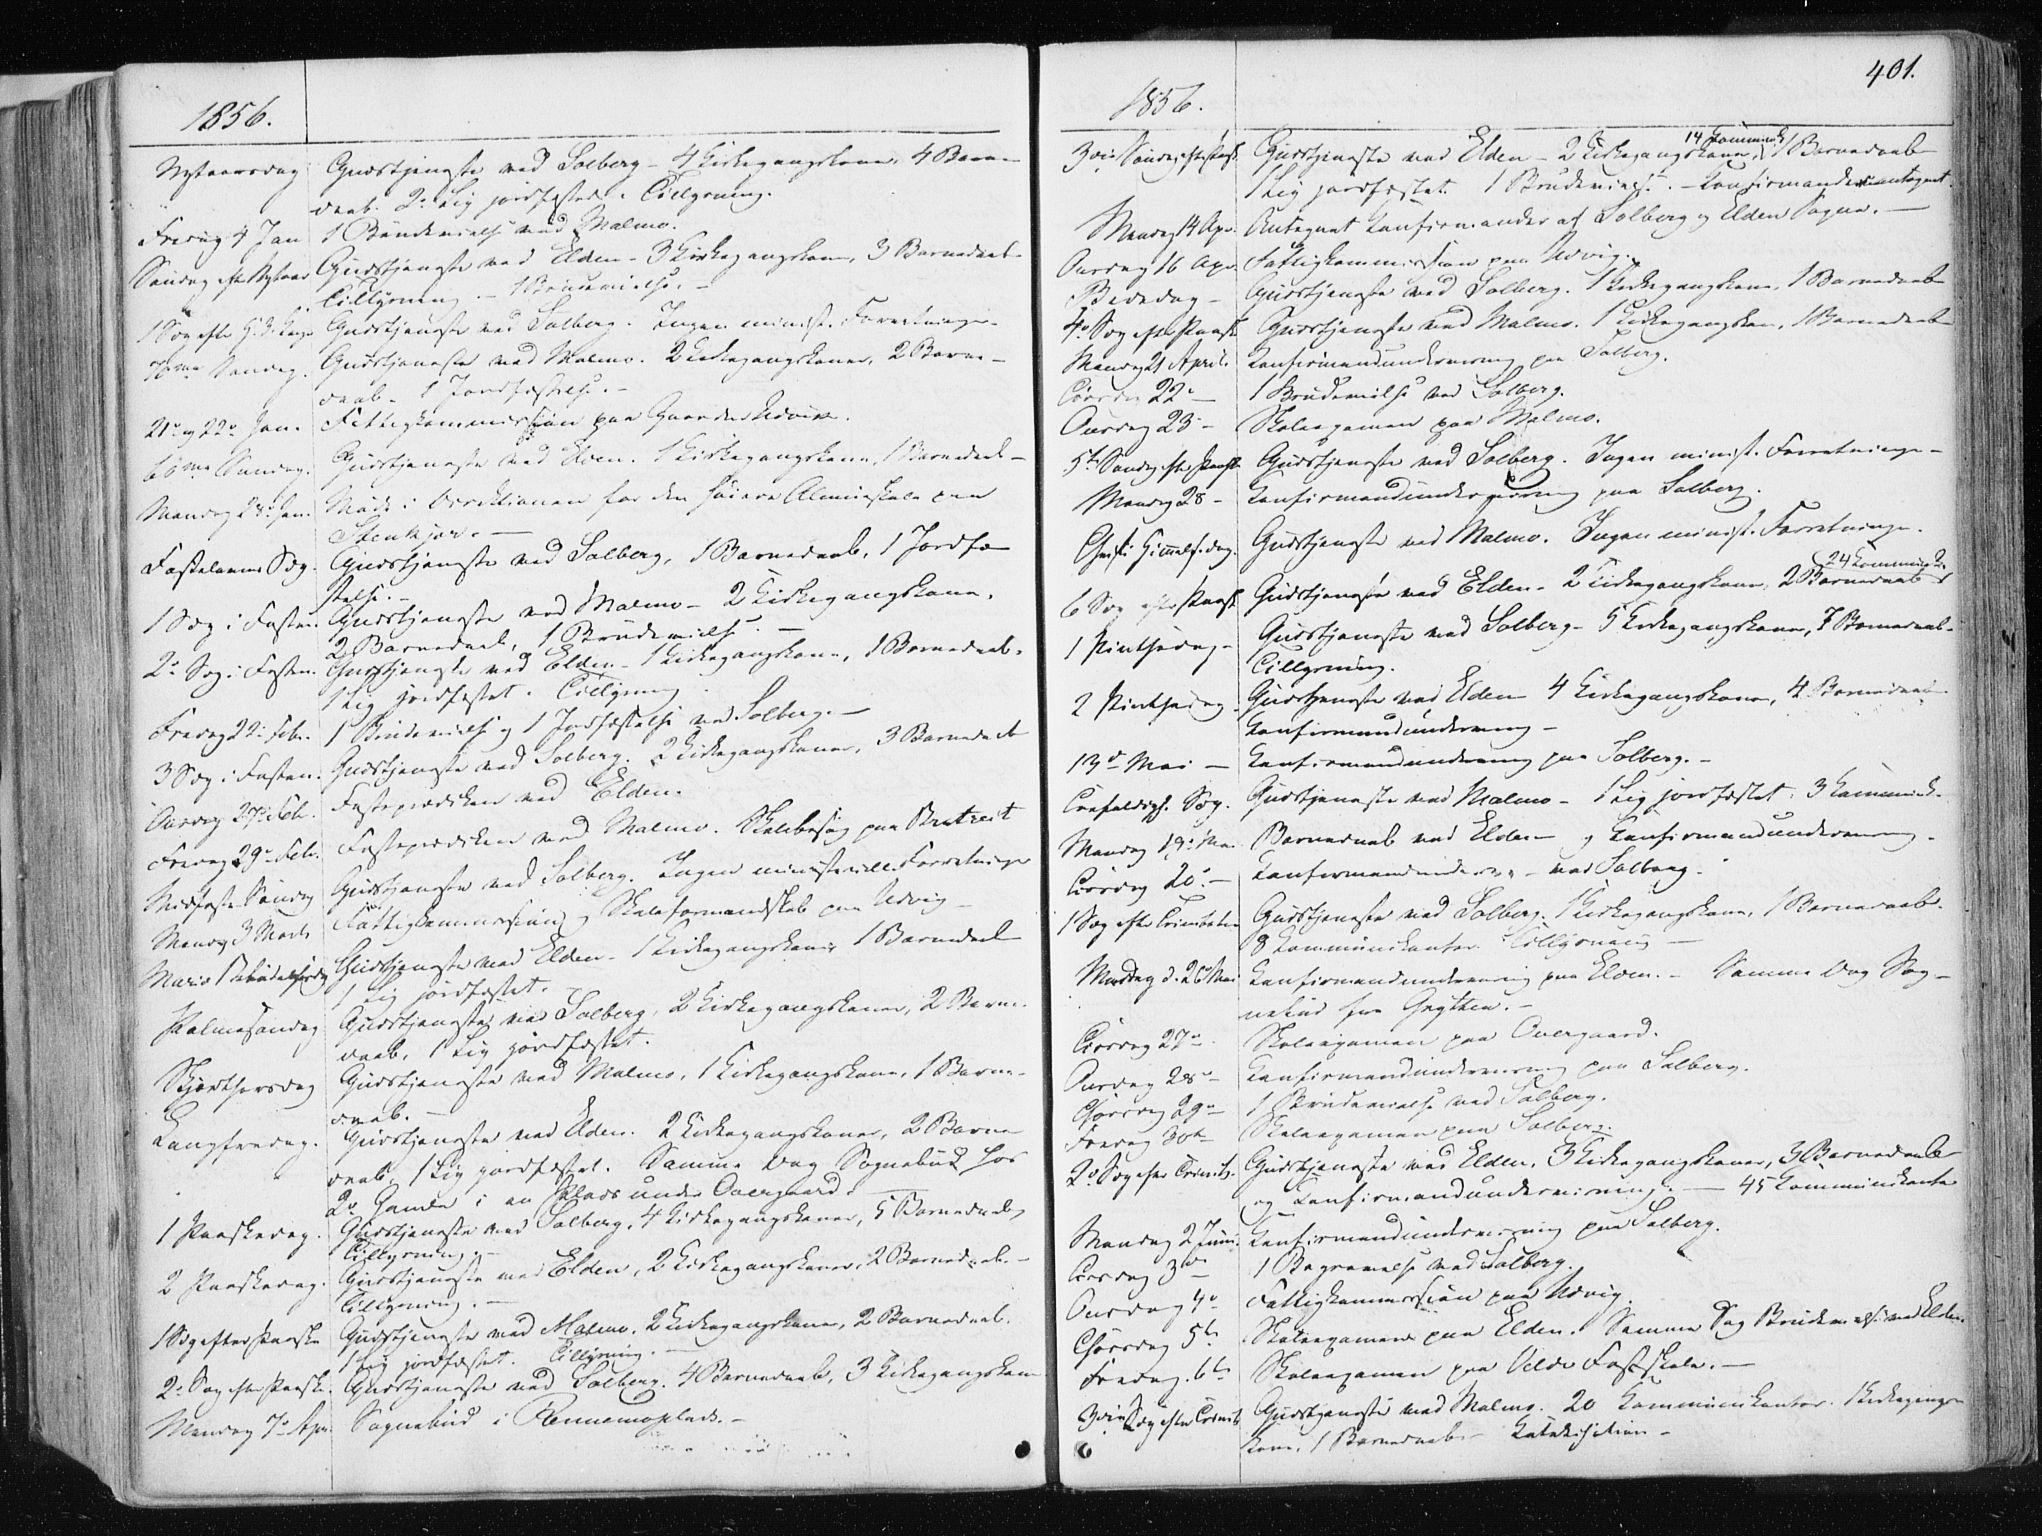 SAT, Ministerialprotokoller, klokkerbøker og fødselsregistre - Nord-Trøndelag, 741/L0393: Ministerialbok nr. 741A07, 1849-1863, s. 401